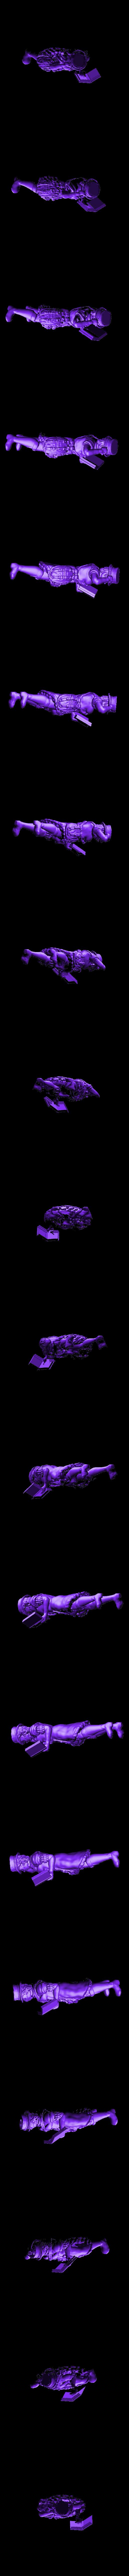 Steampunk_Sorceress.stl Télécharger fichier STL gratuit Sorcière Steampunk • Plan imprimable en 3D, mrhers2